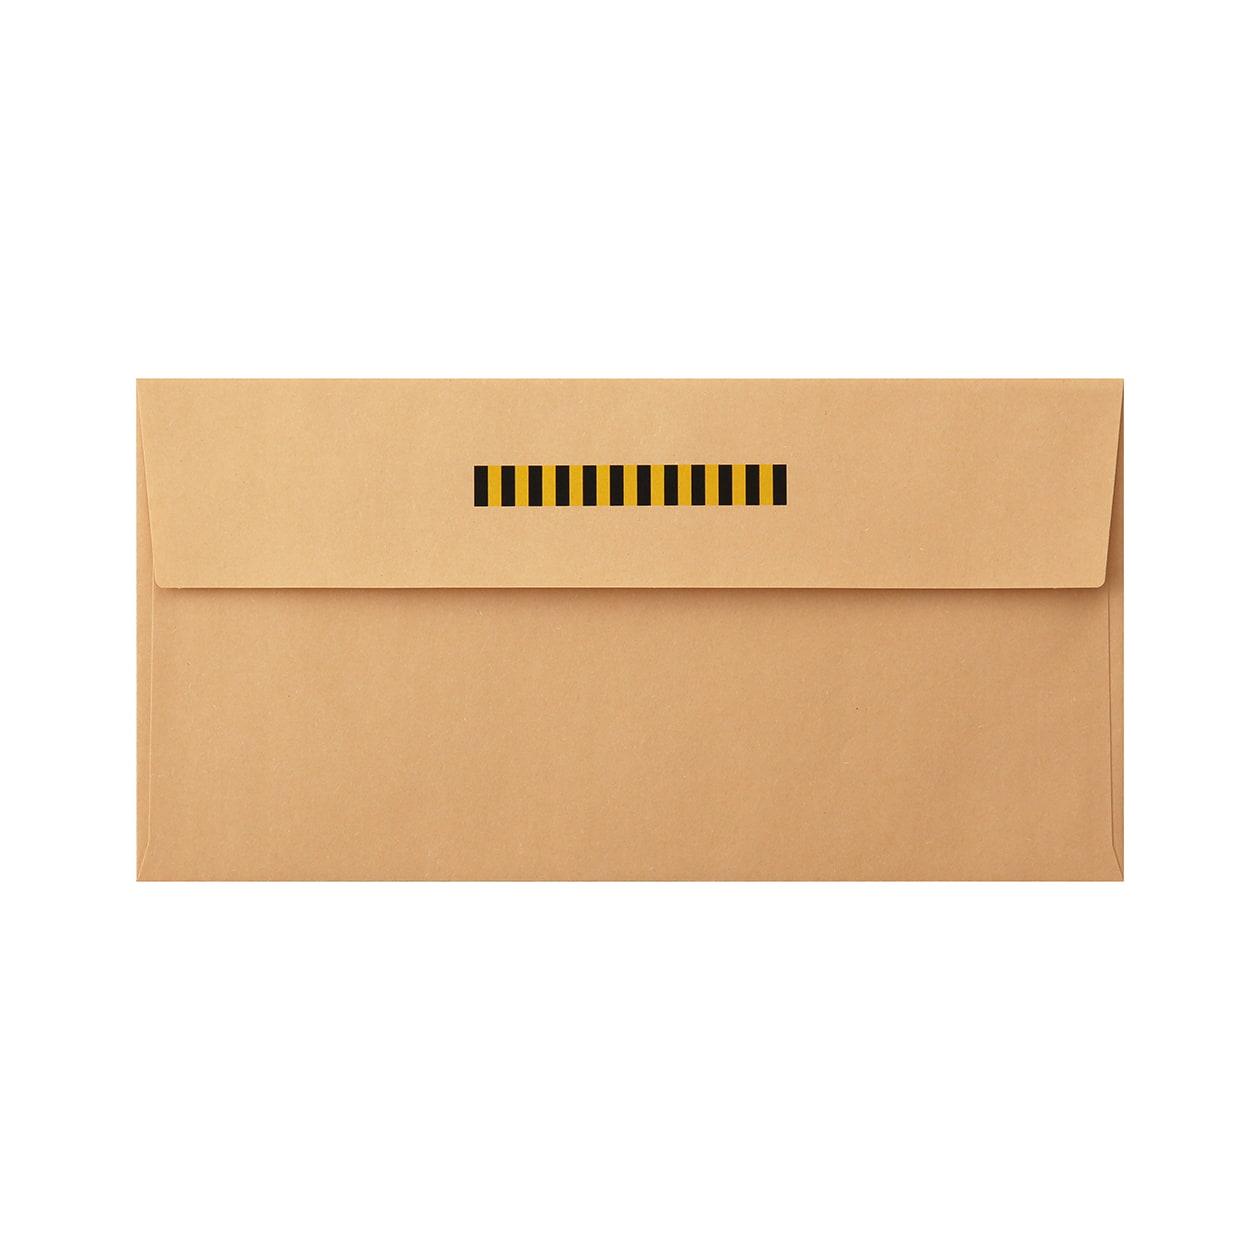 見本 00218 長3カマス封筒 クラフト 85g